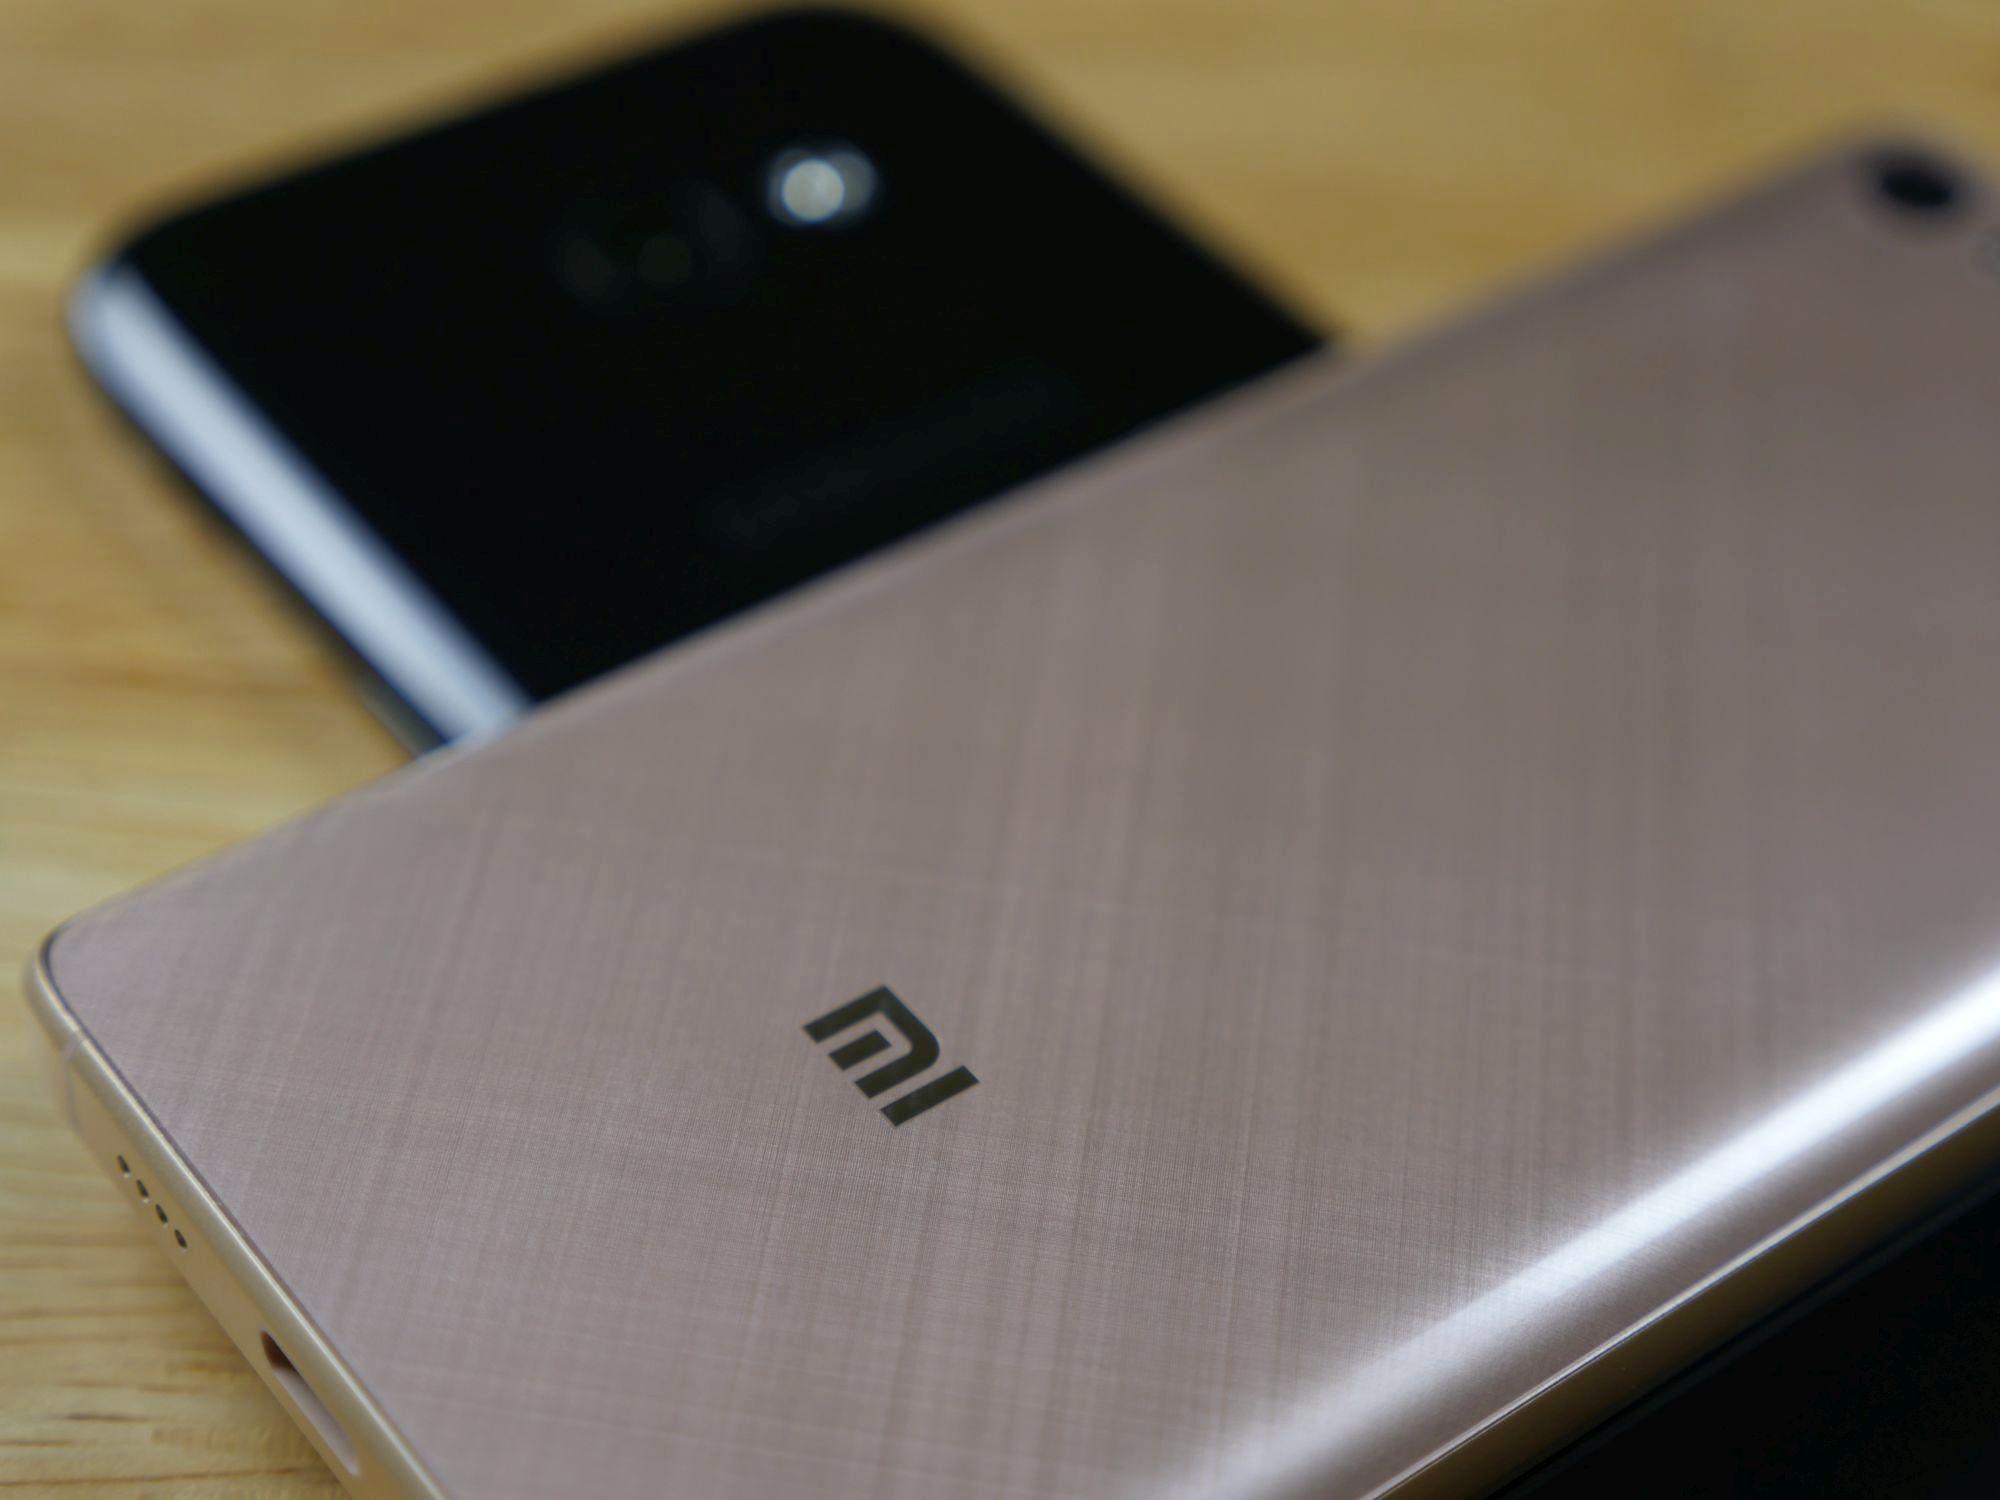 Kończy się wsparcie producenta dla Xiaomi Mi 5 oraz Redmi Note 3